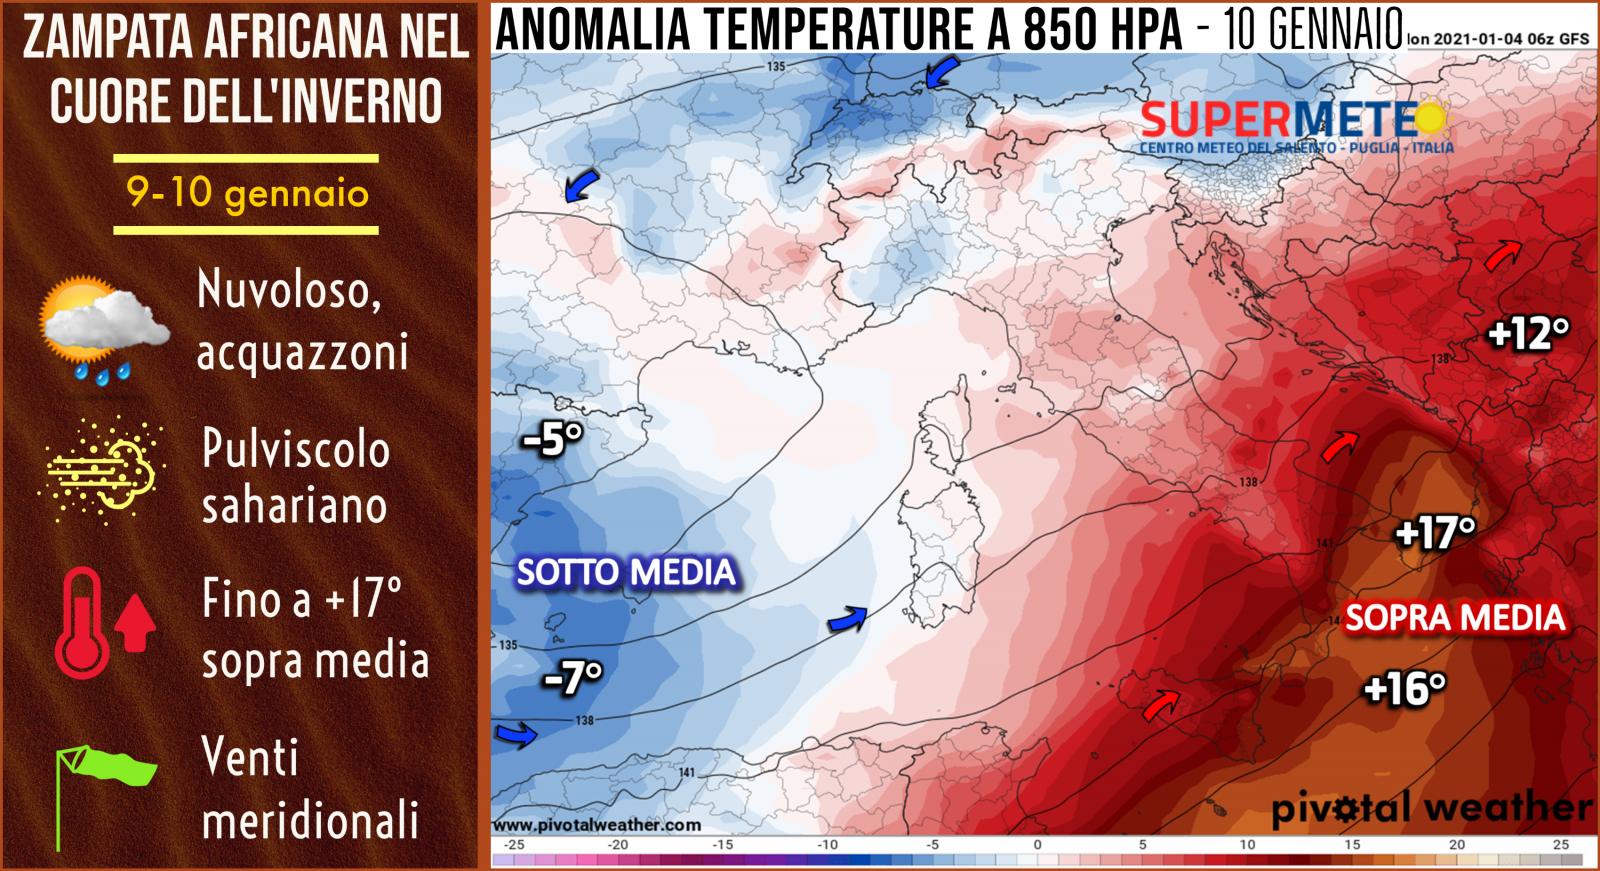 caldo africano anomalo